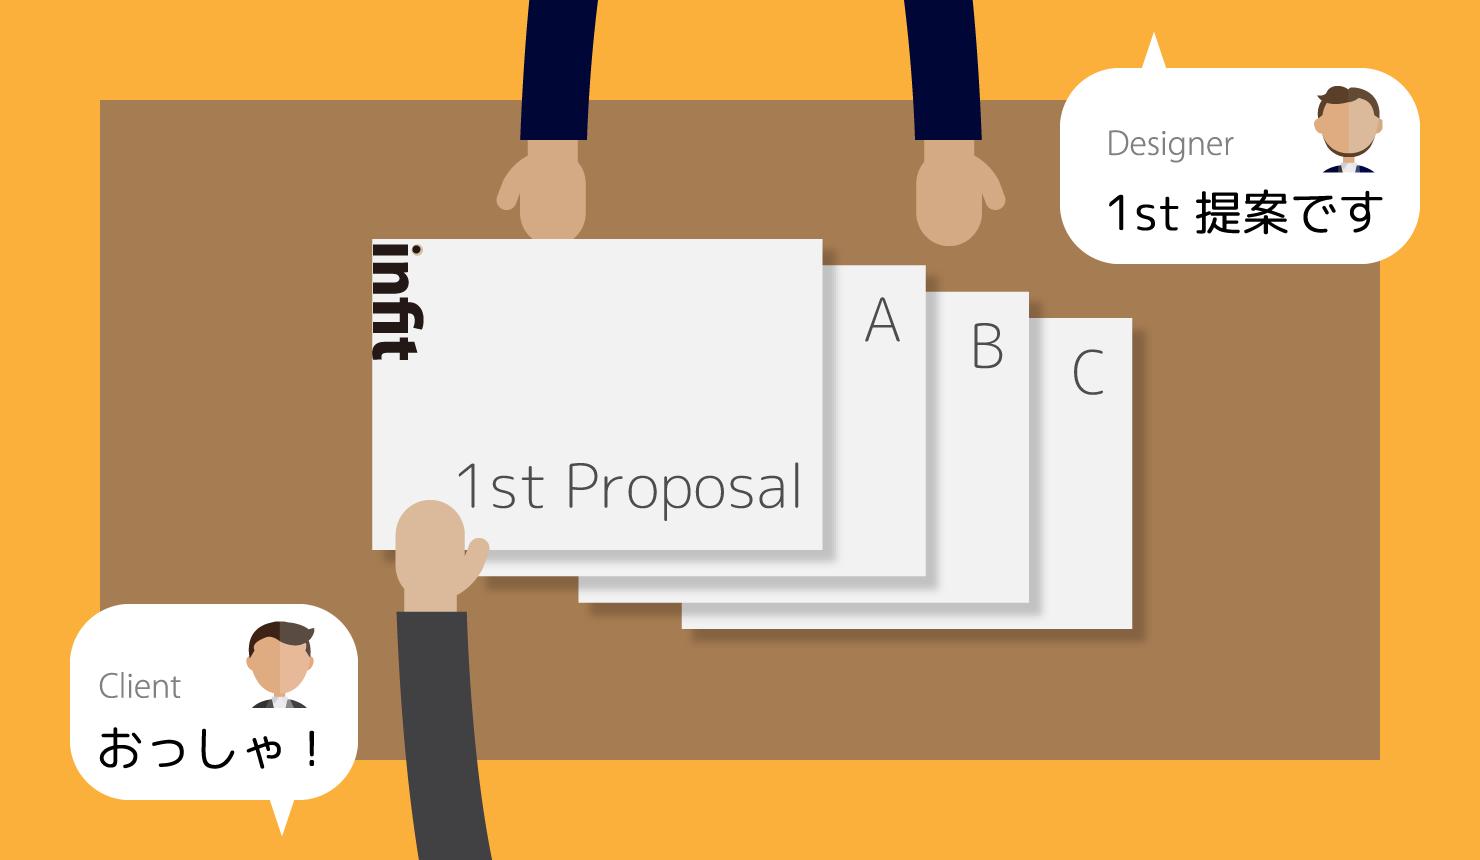 1st proposal